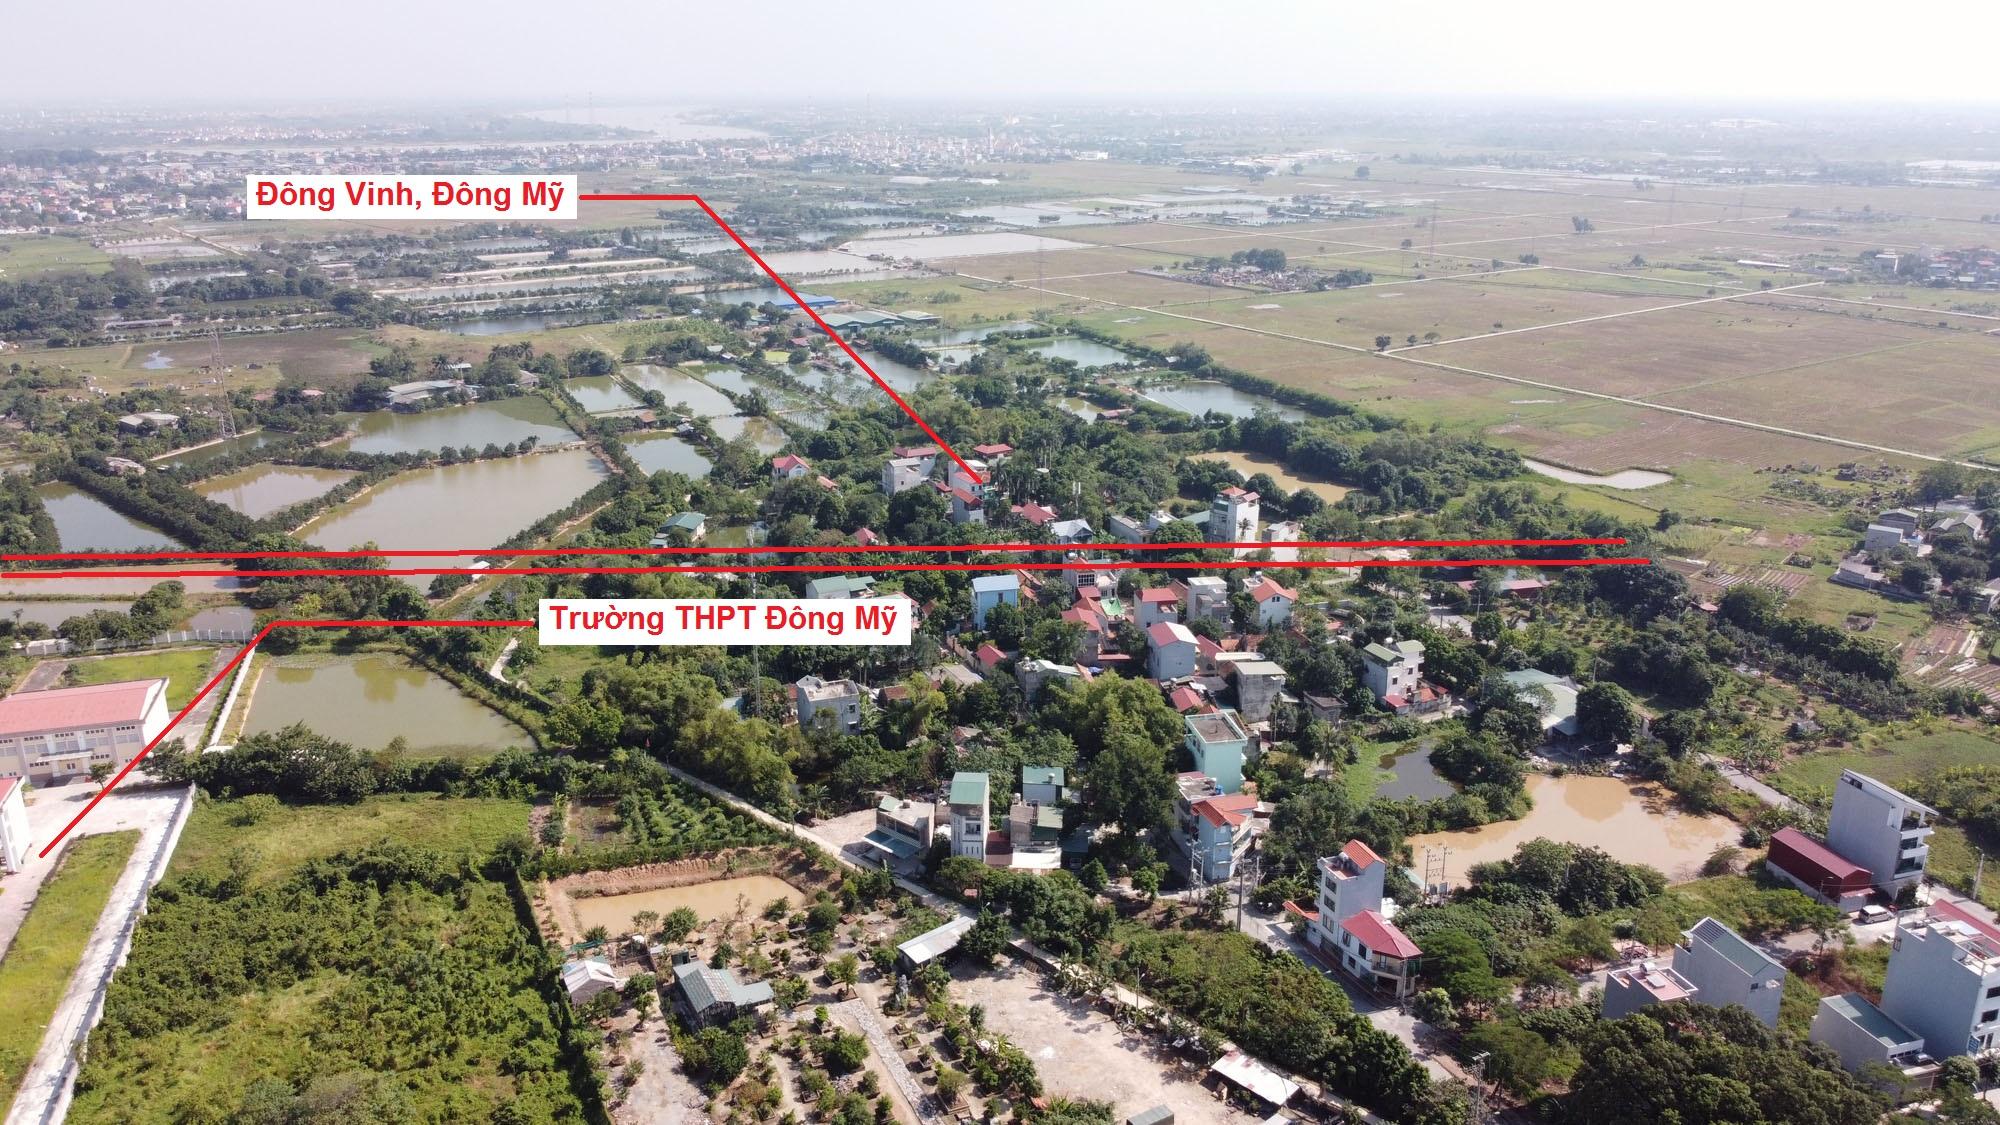 Ba đường sẽ mở theo quy hoạch ở xã Đông Mỹ, Thanh Trì, Hà Nội - Ảnh 10.